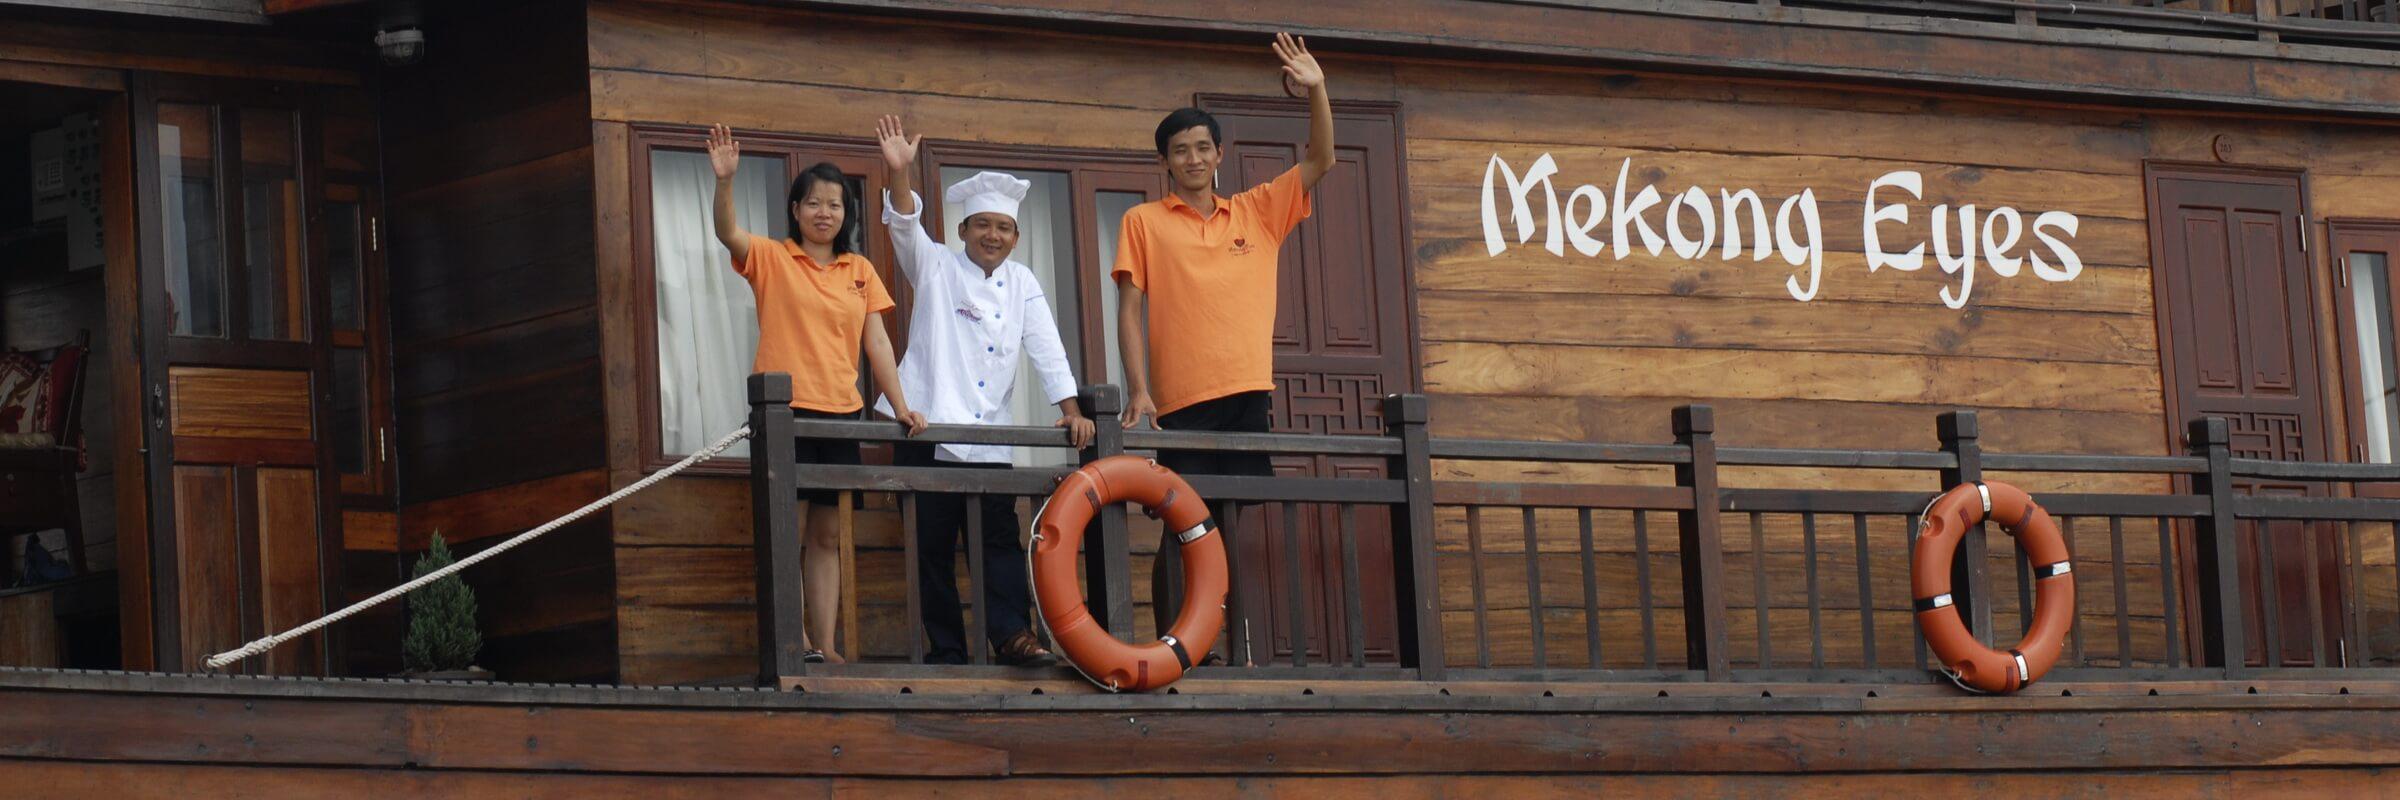 Die freundliche Besatzung der Mekong Eyes sorgt auf den Flusskreuzfahrten für einen angenehmen Aufenthalt der Gäste.